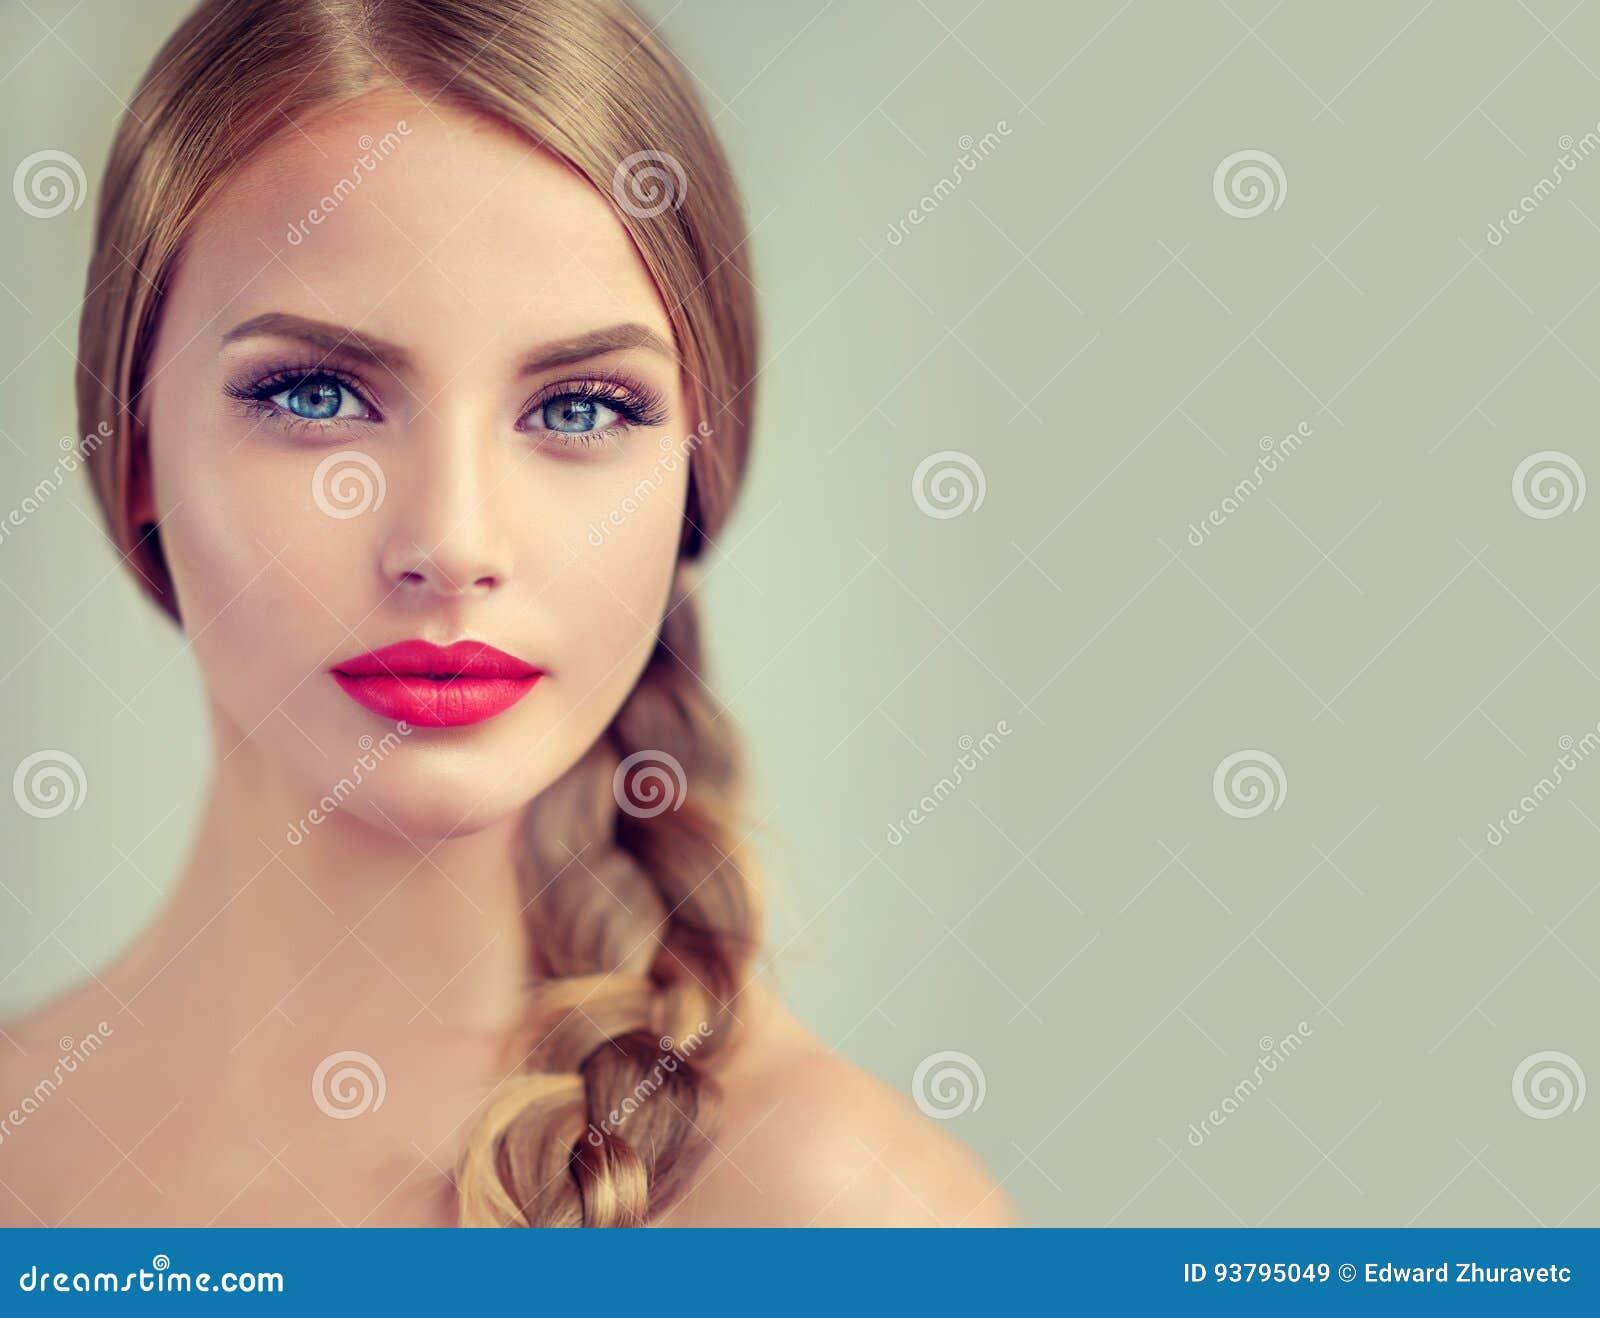 Όμορφη νέα γυναίκα με το braidpigtail και μεγάλα σκουλαρίκια σε την